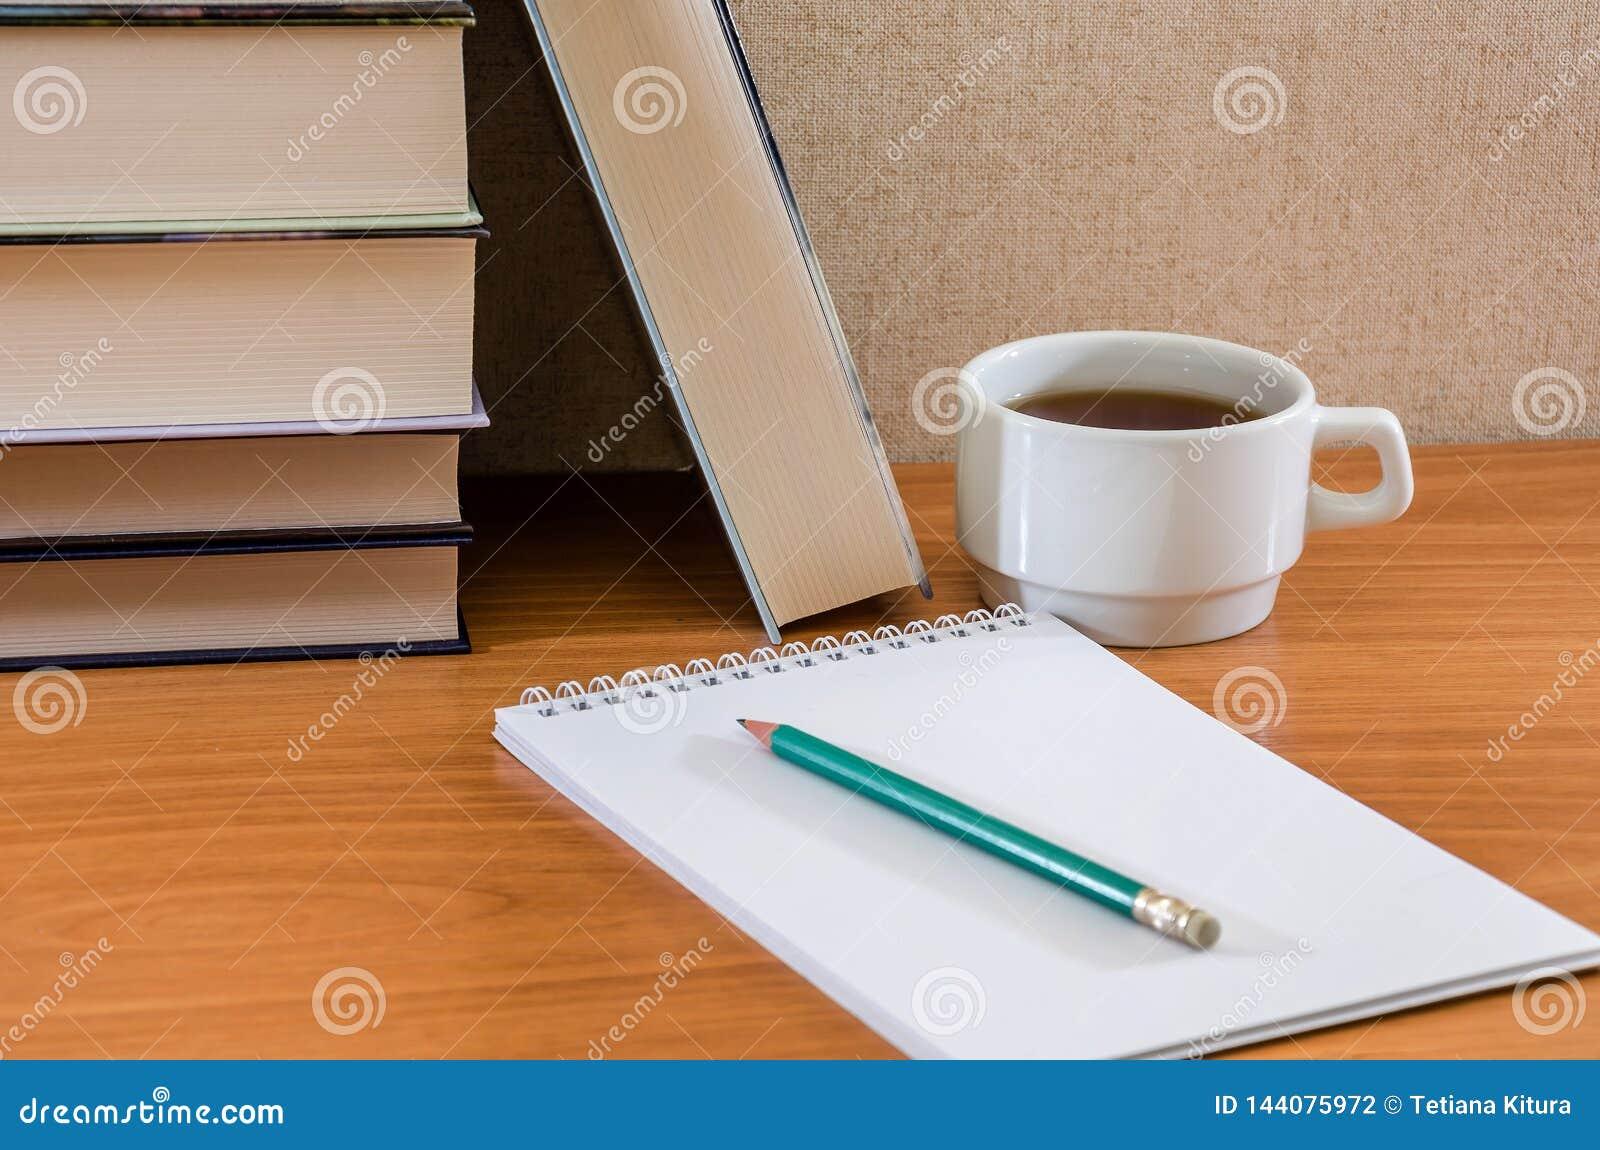 Lápiz en un cuaderno, libros y una taza de té en la tabla